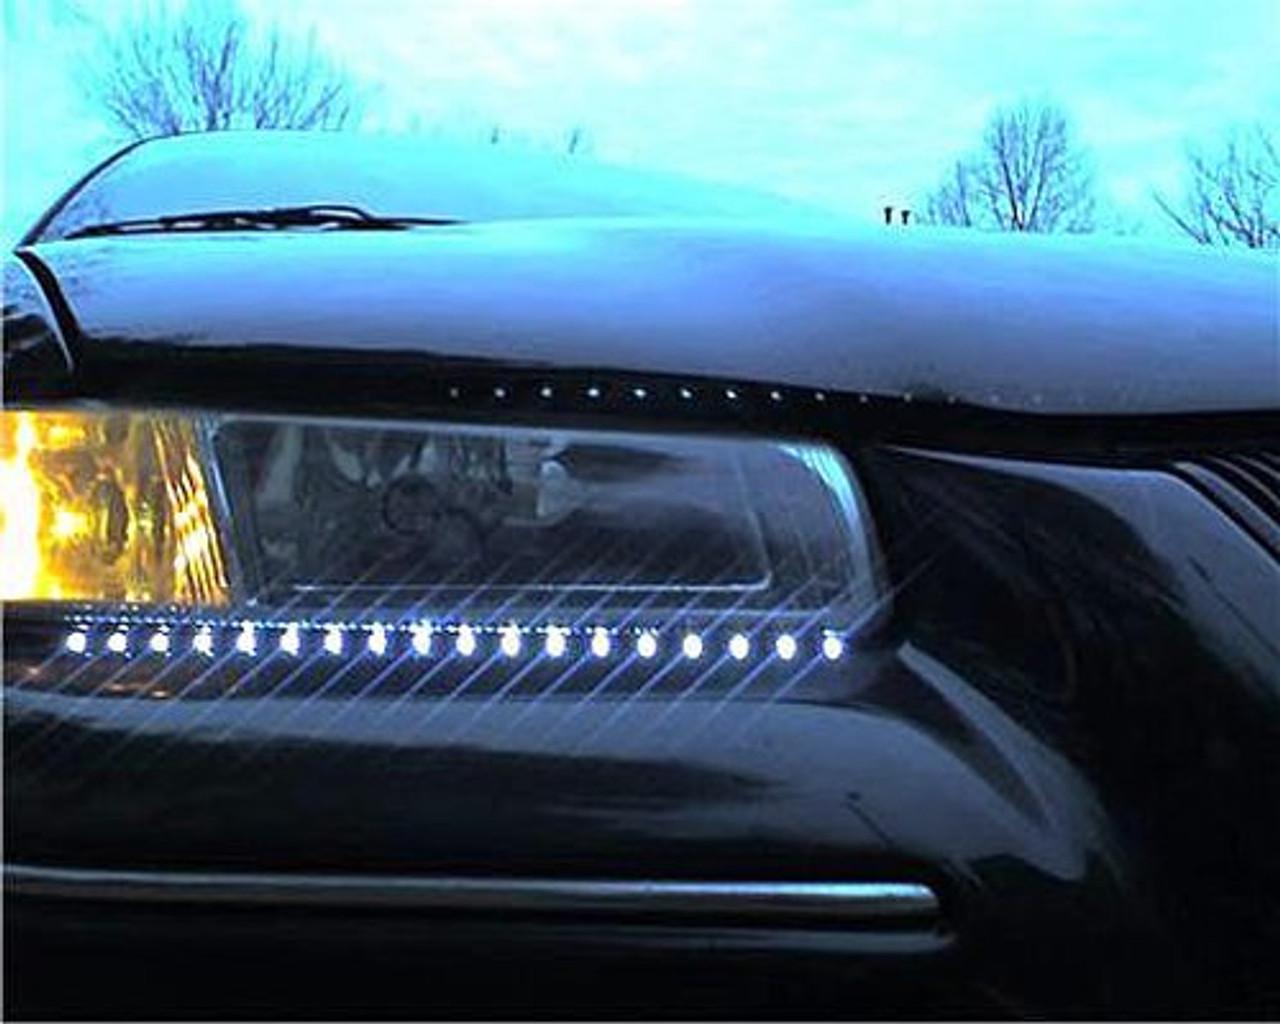 Chrysler Sebring LED DRL Head Light Strips Daytime Running Lamps